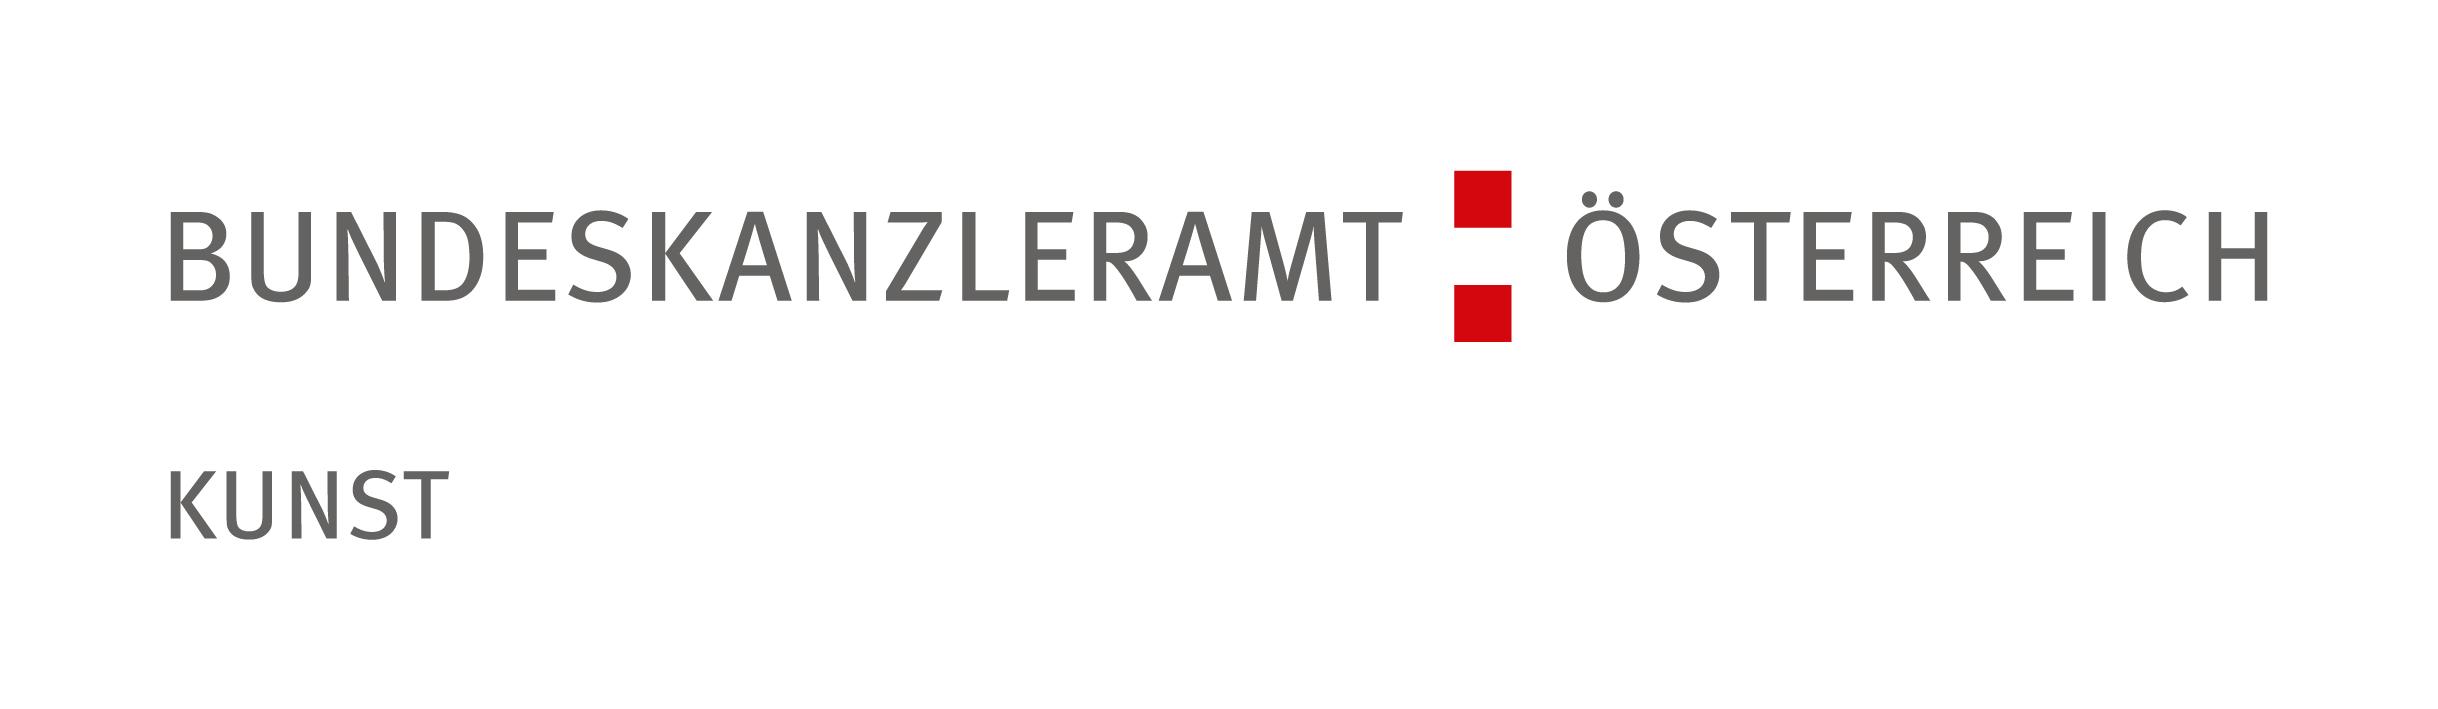 http://www.gfzk-leipzig.de/wp-content/uploads/2014/09/bundeskanzleramt_kunst_RGB.jpg